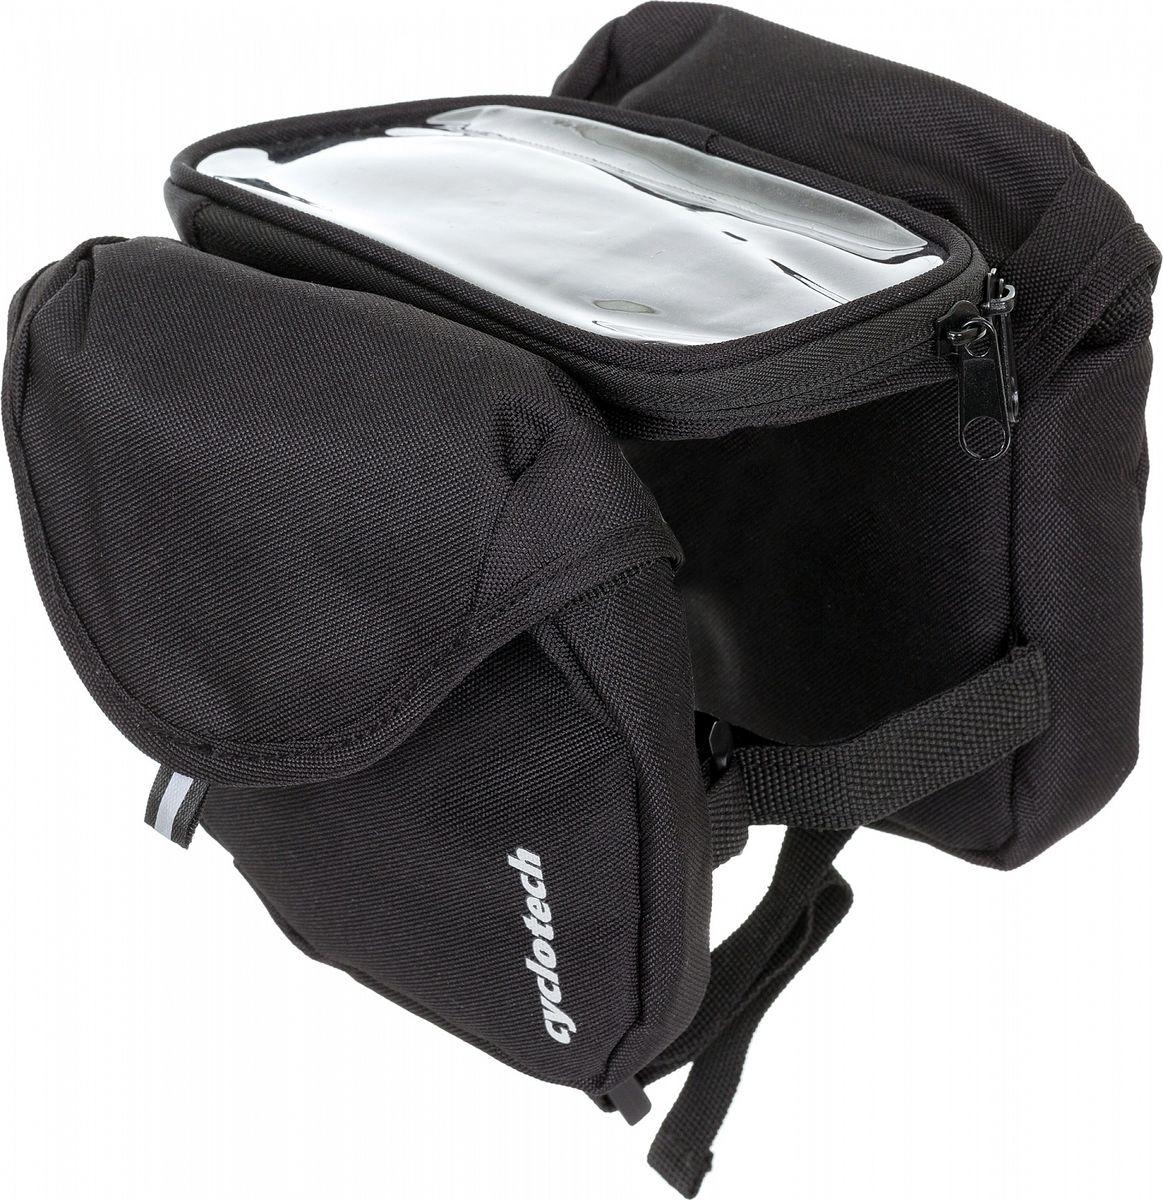 Велосумка под раму Cyclotech Bicycle Bag, цвет: черныйCYC-31Велосипедная сумка Cyclotech. Особенности модели: крепится на раму; влагонепроницаемый карман для смартфона; быстрая и легкая установка.